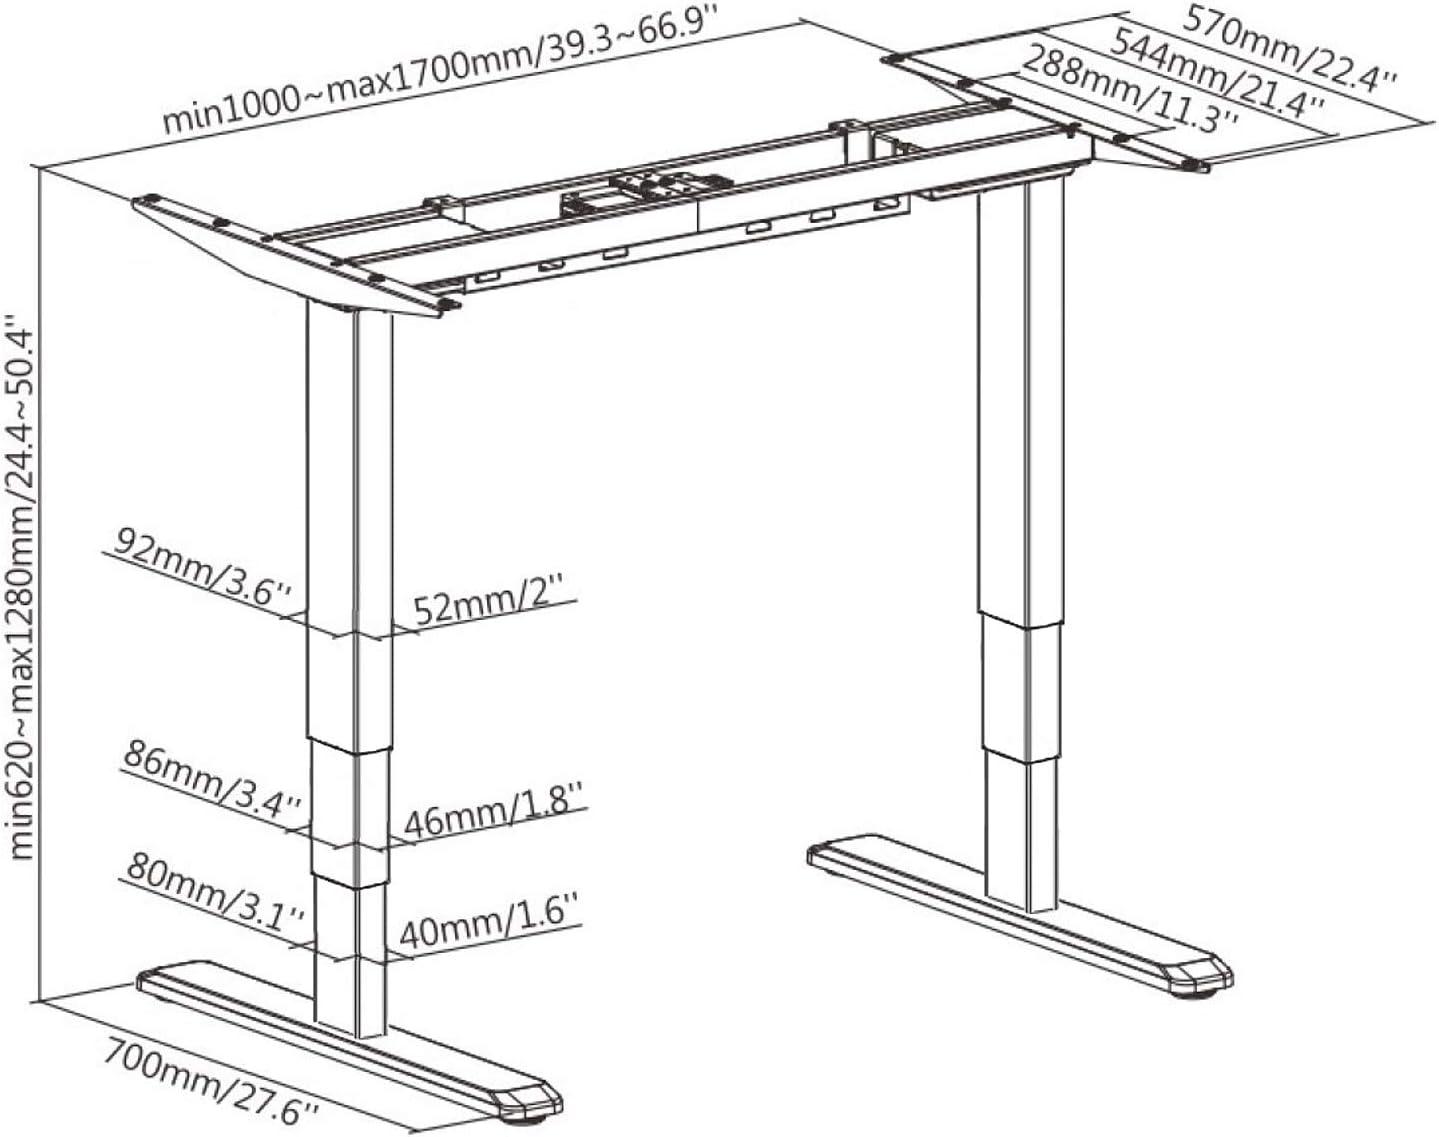 Allcam ACEDF12D Electric Sti-stand Desk Frame/Dual-motor Height Adjustable 63-125cm Wrokstation in Black (frame only)